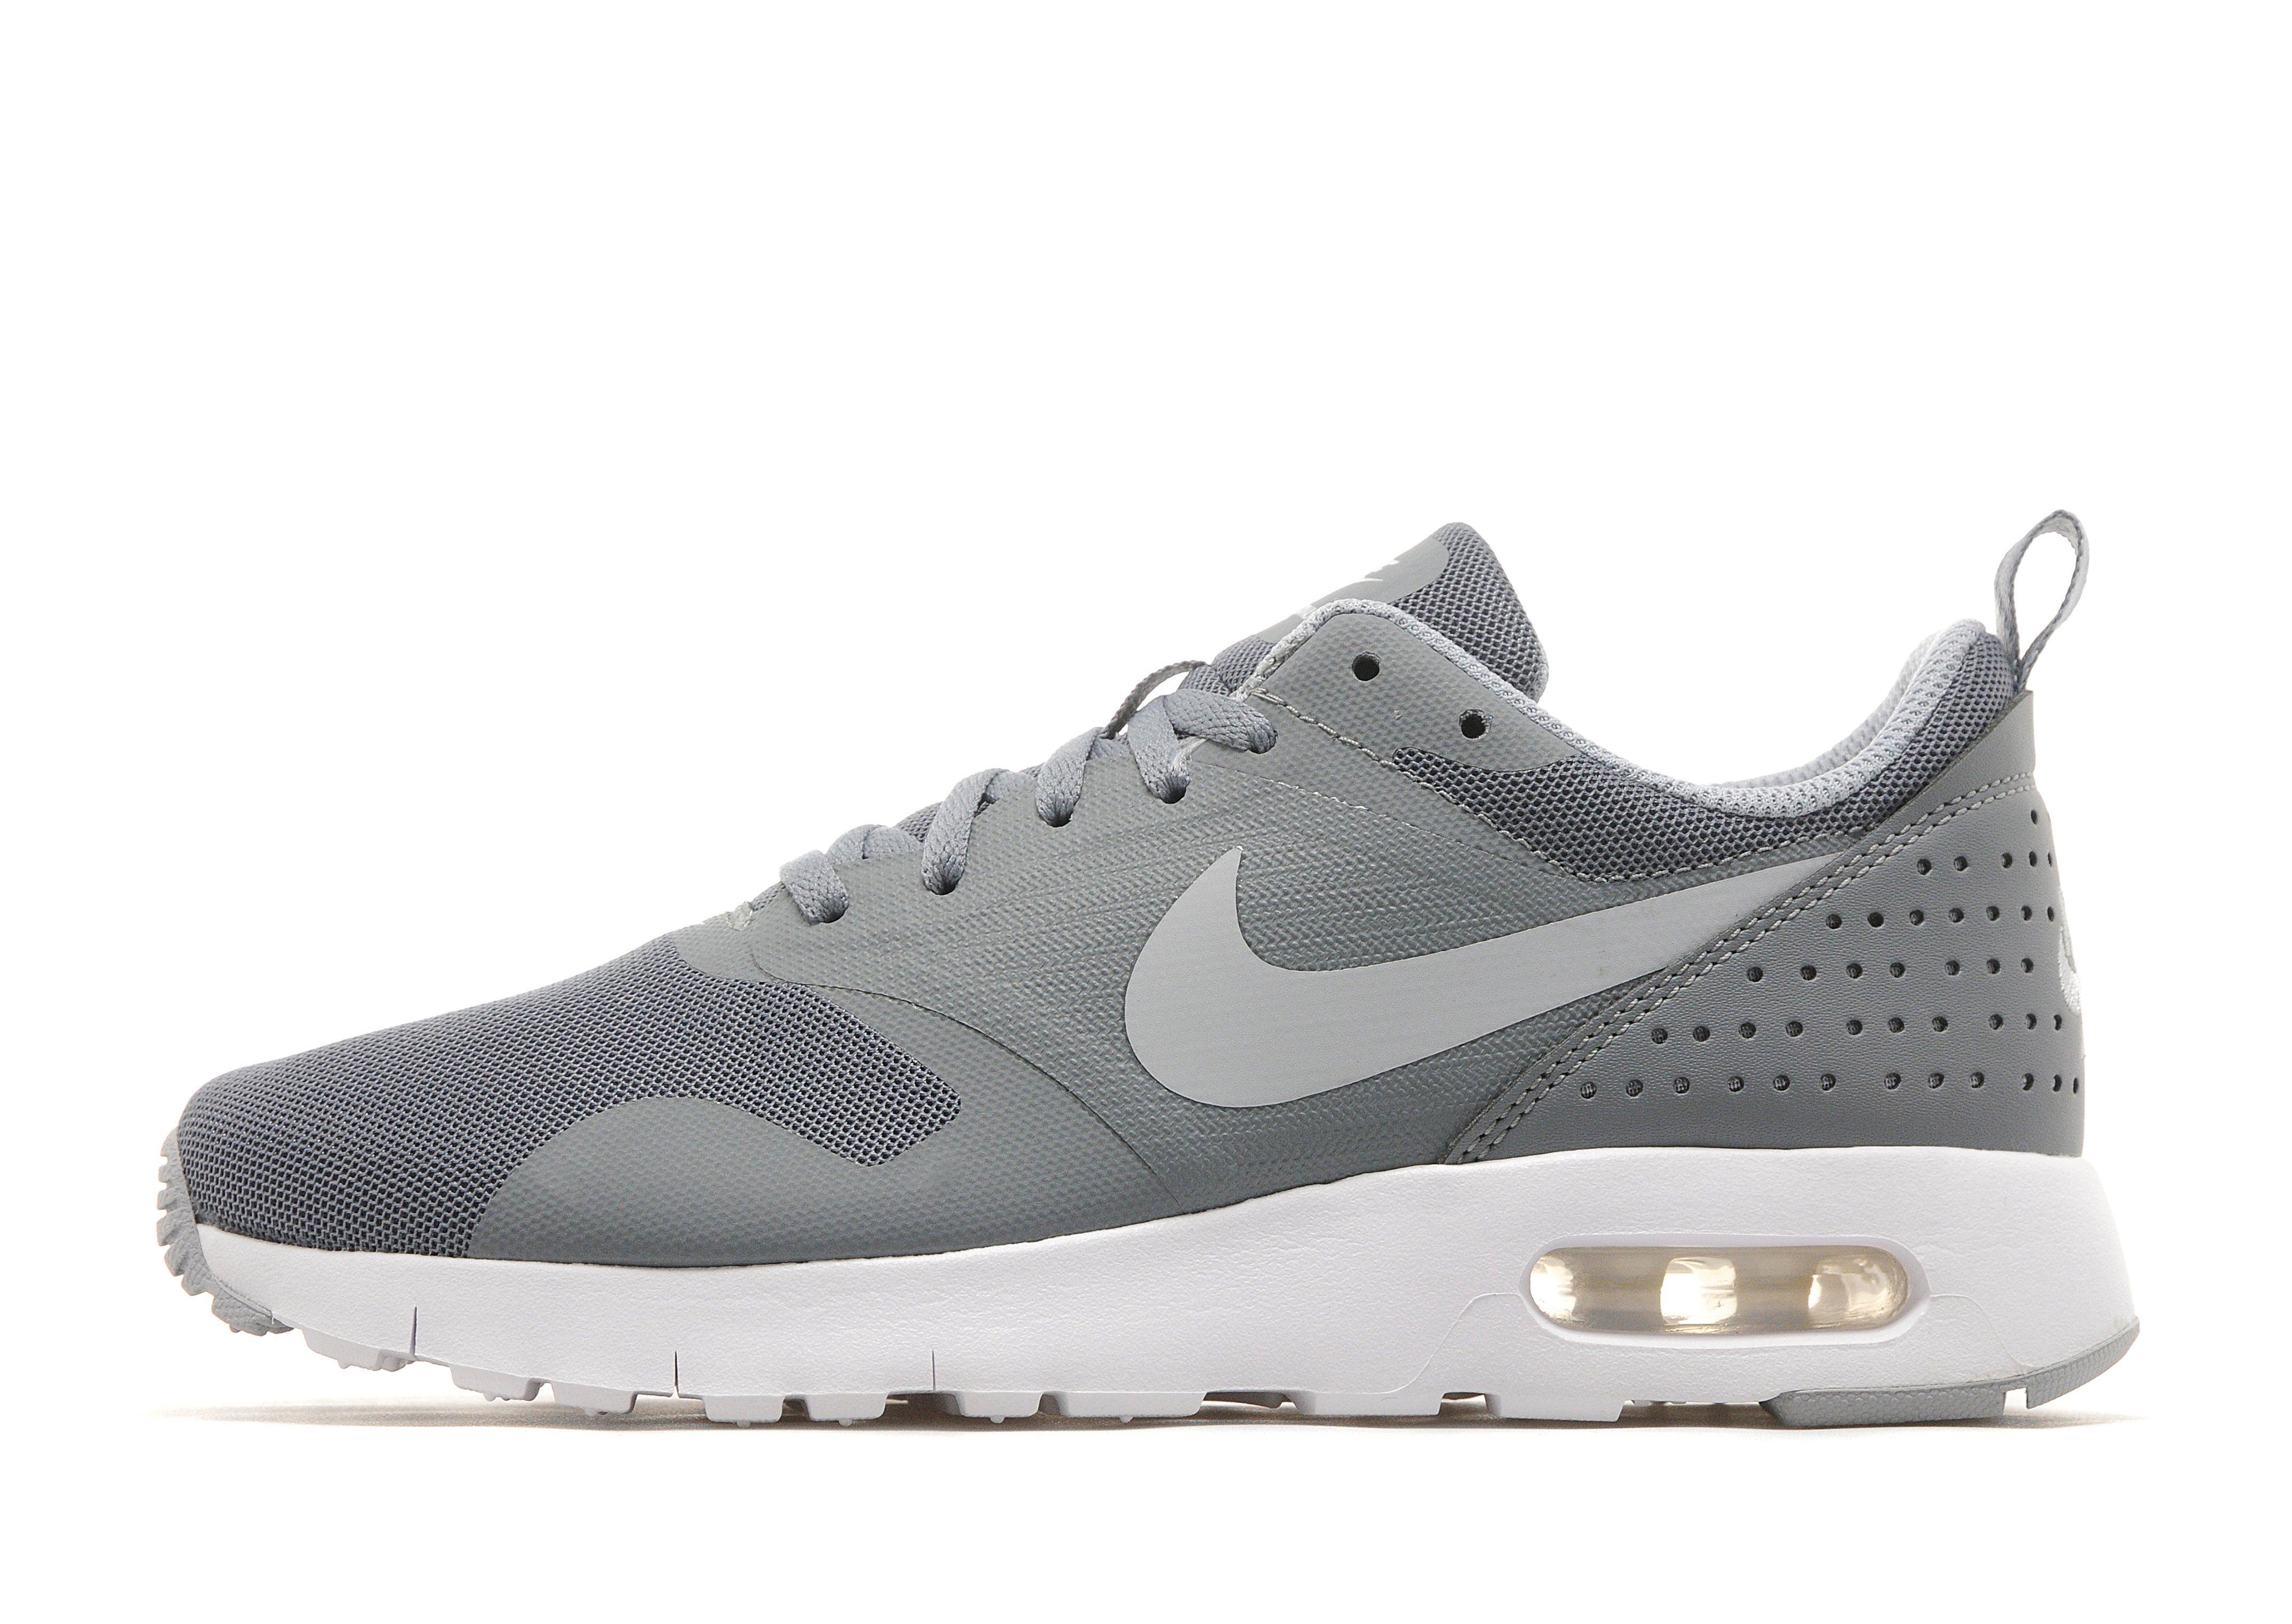 6bbc408463 Nike Air Max Thea Junior